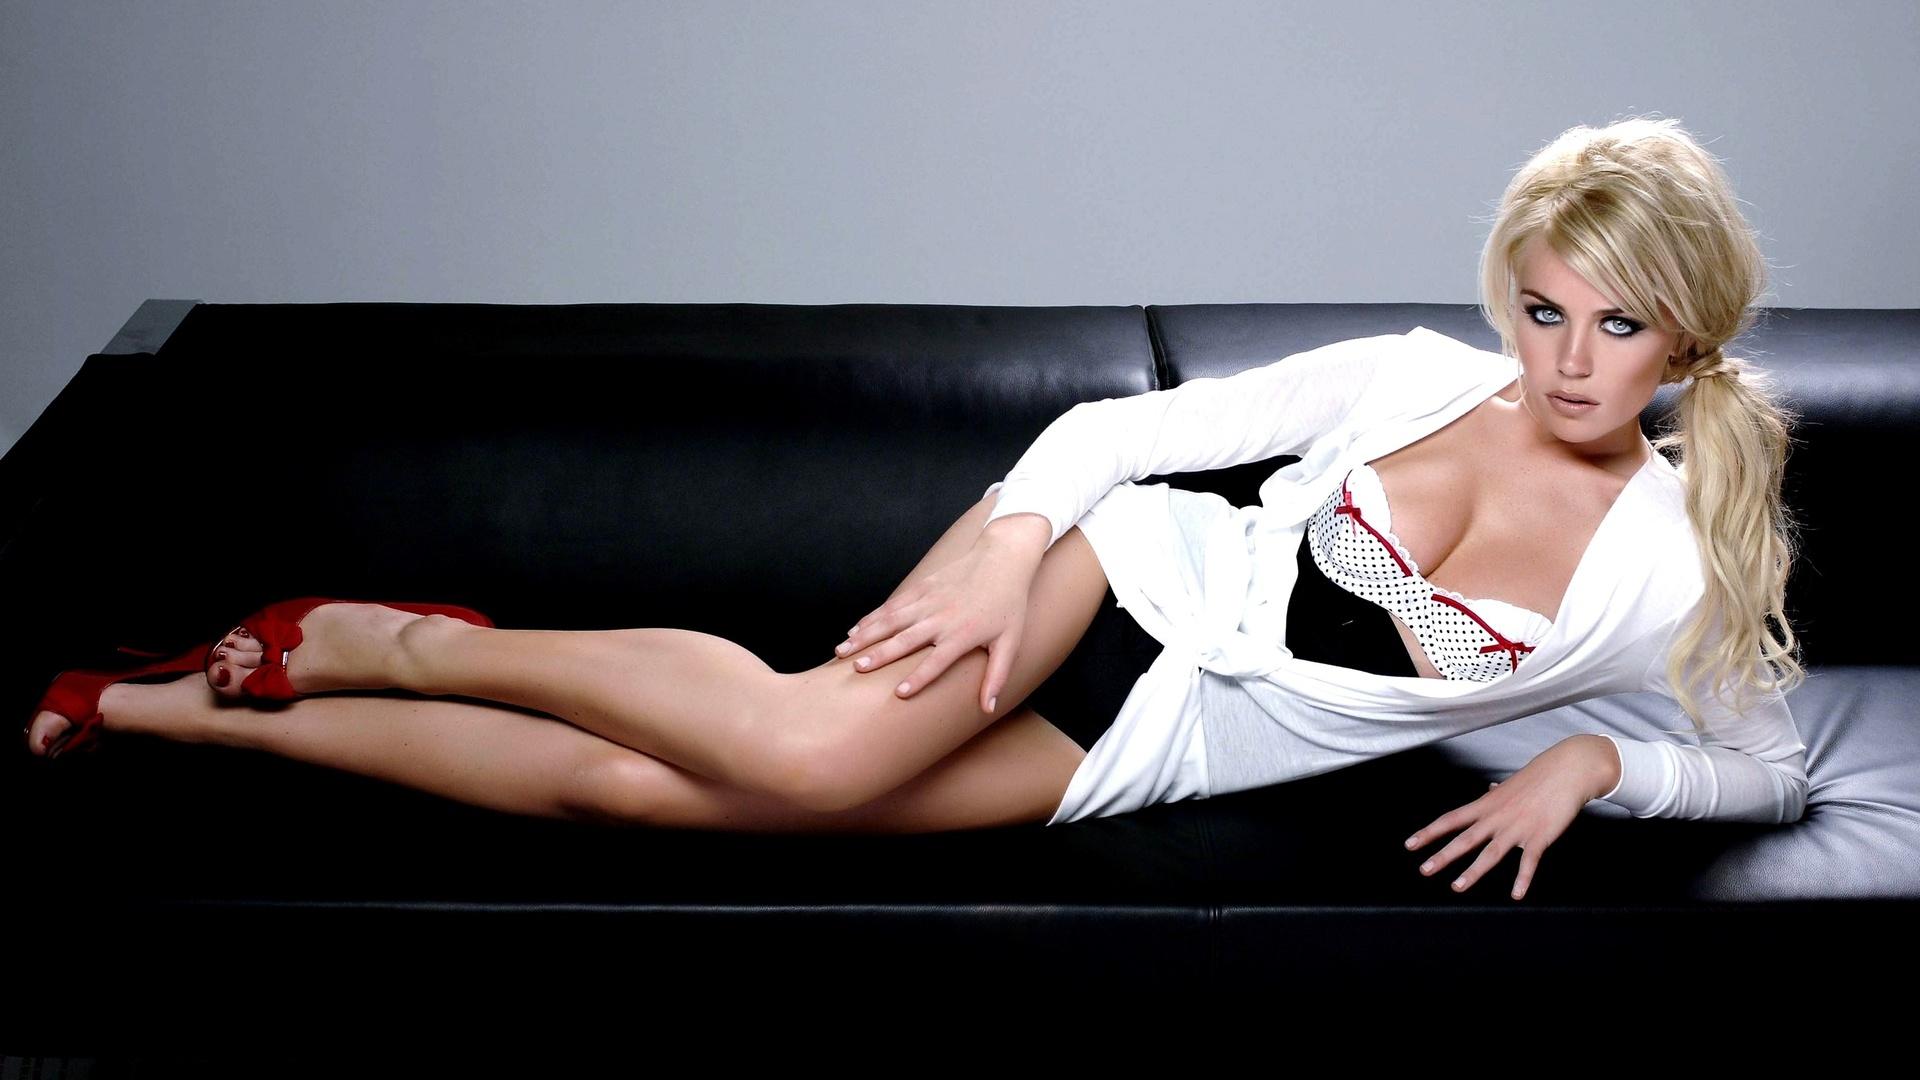 abigail clancy, девушка, блондинка, модель, позирует